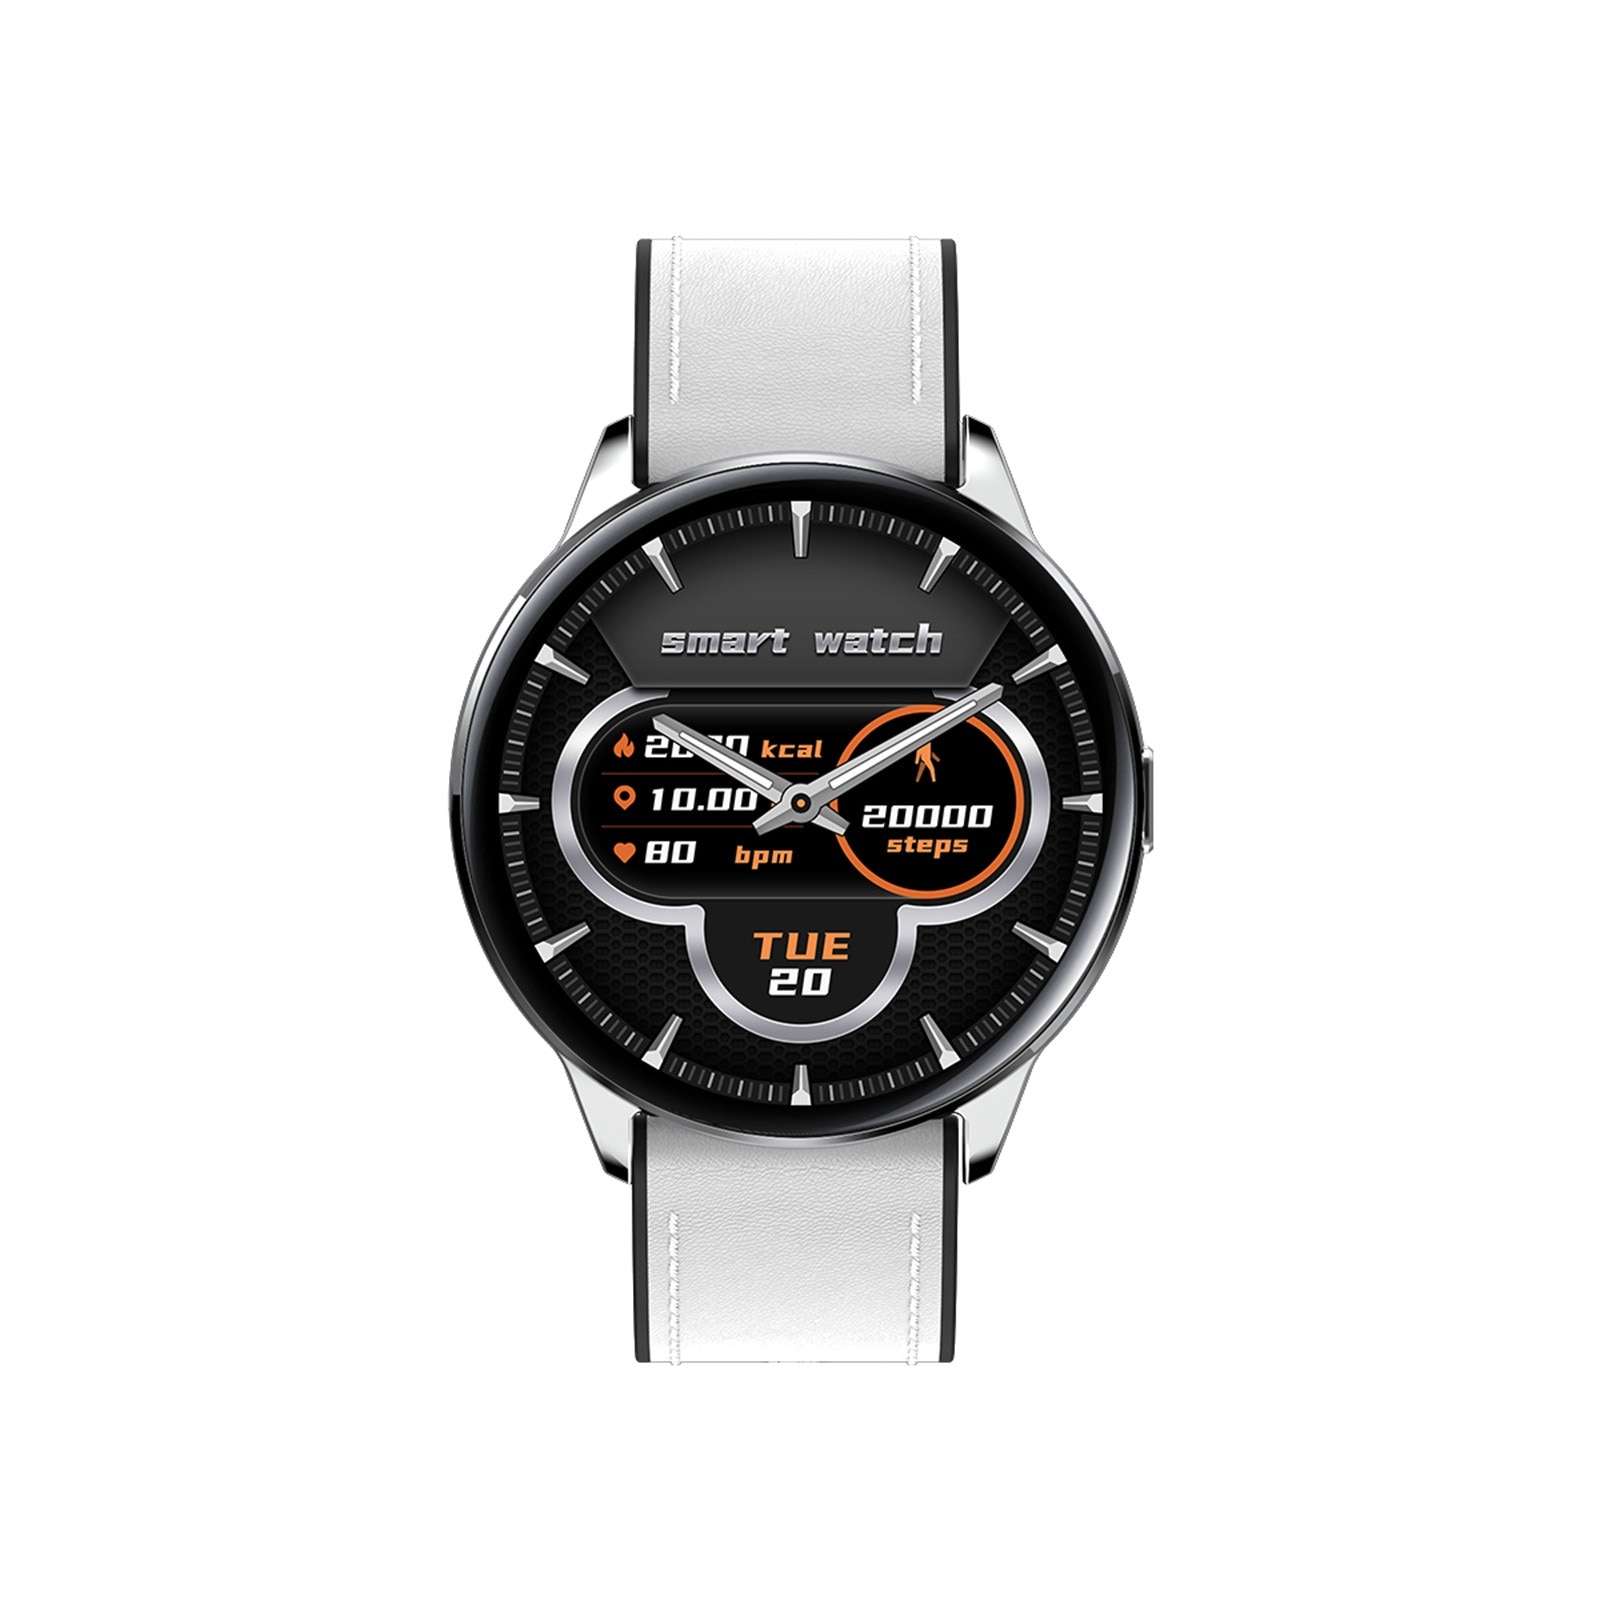 2021 Y90 Smart Watch Ip68 Waterproof Exercise Heart Rate Detection Smart Watch Outdoor Sport Digital